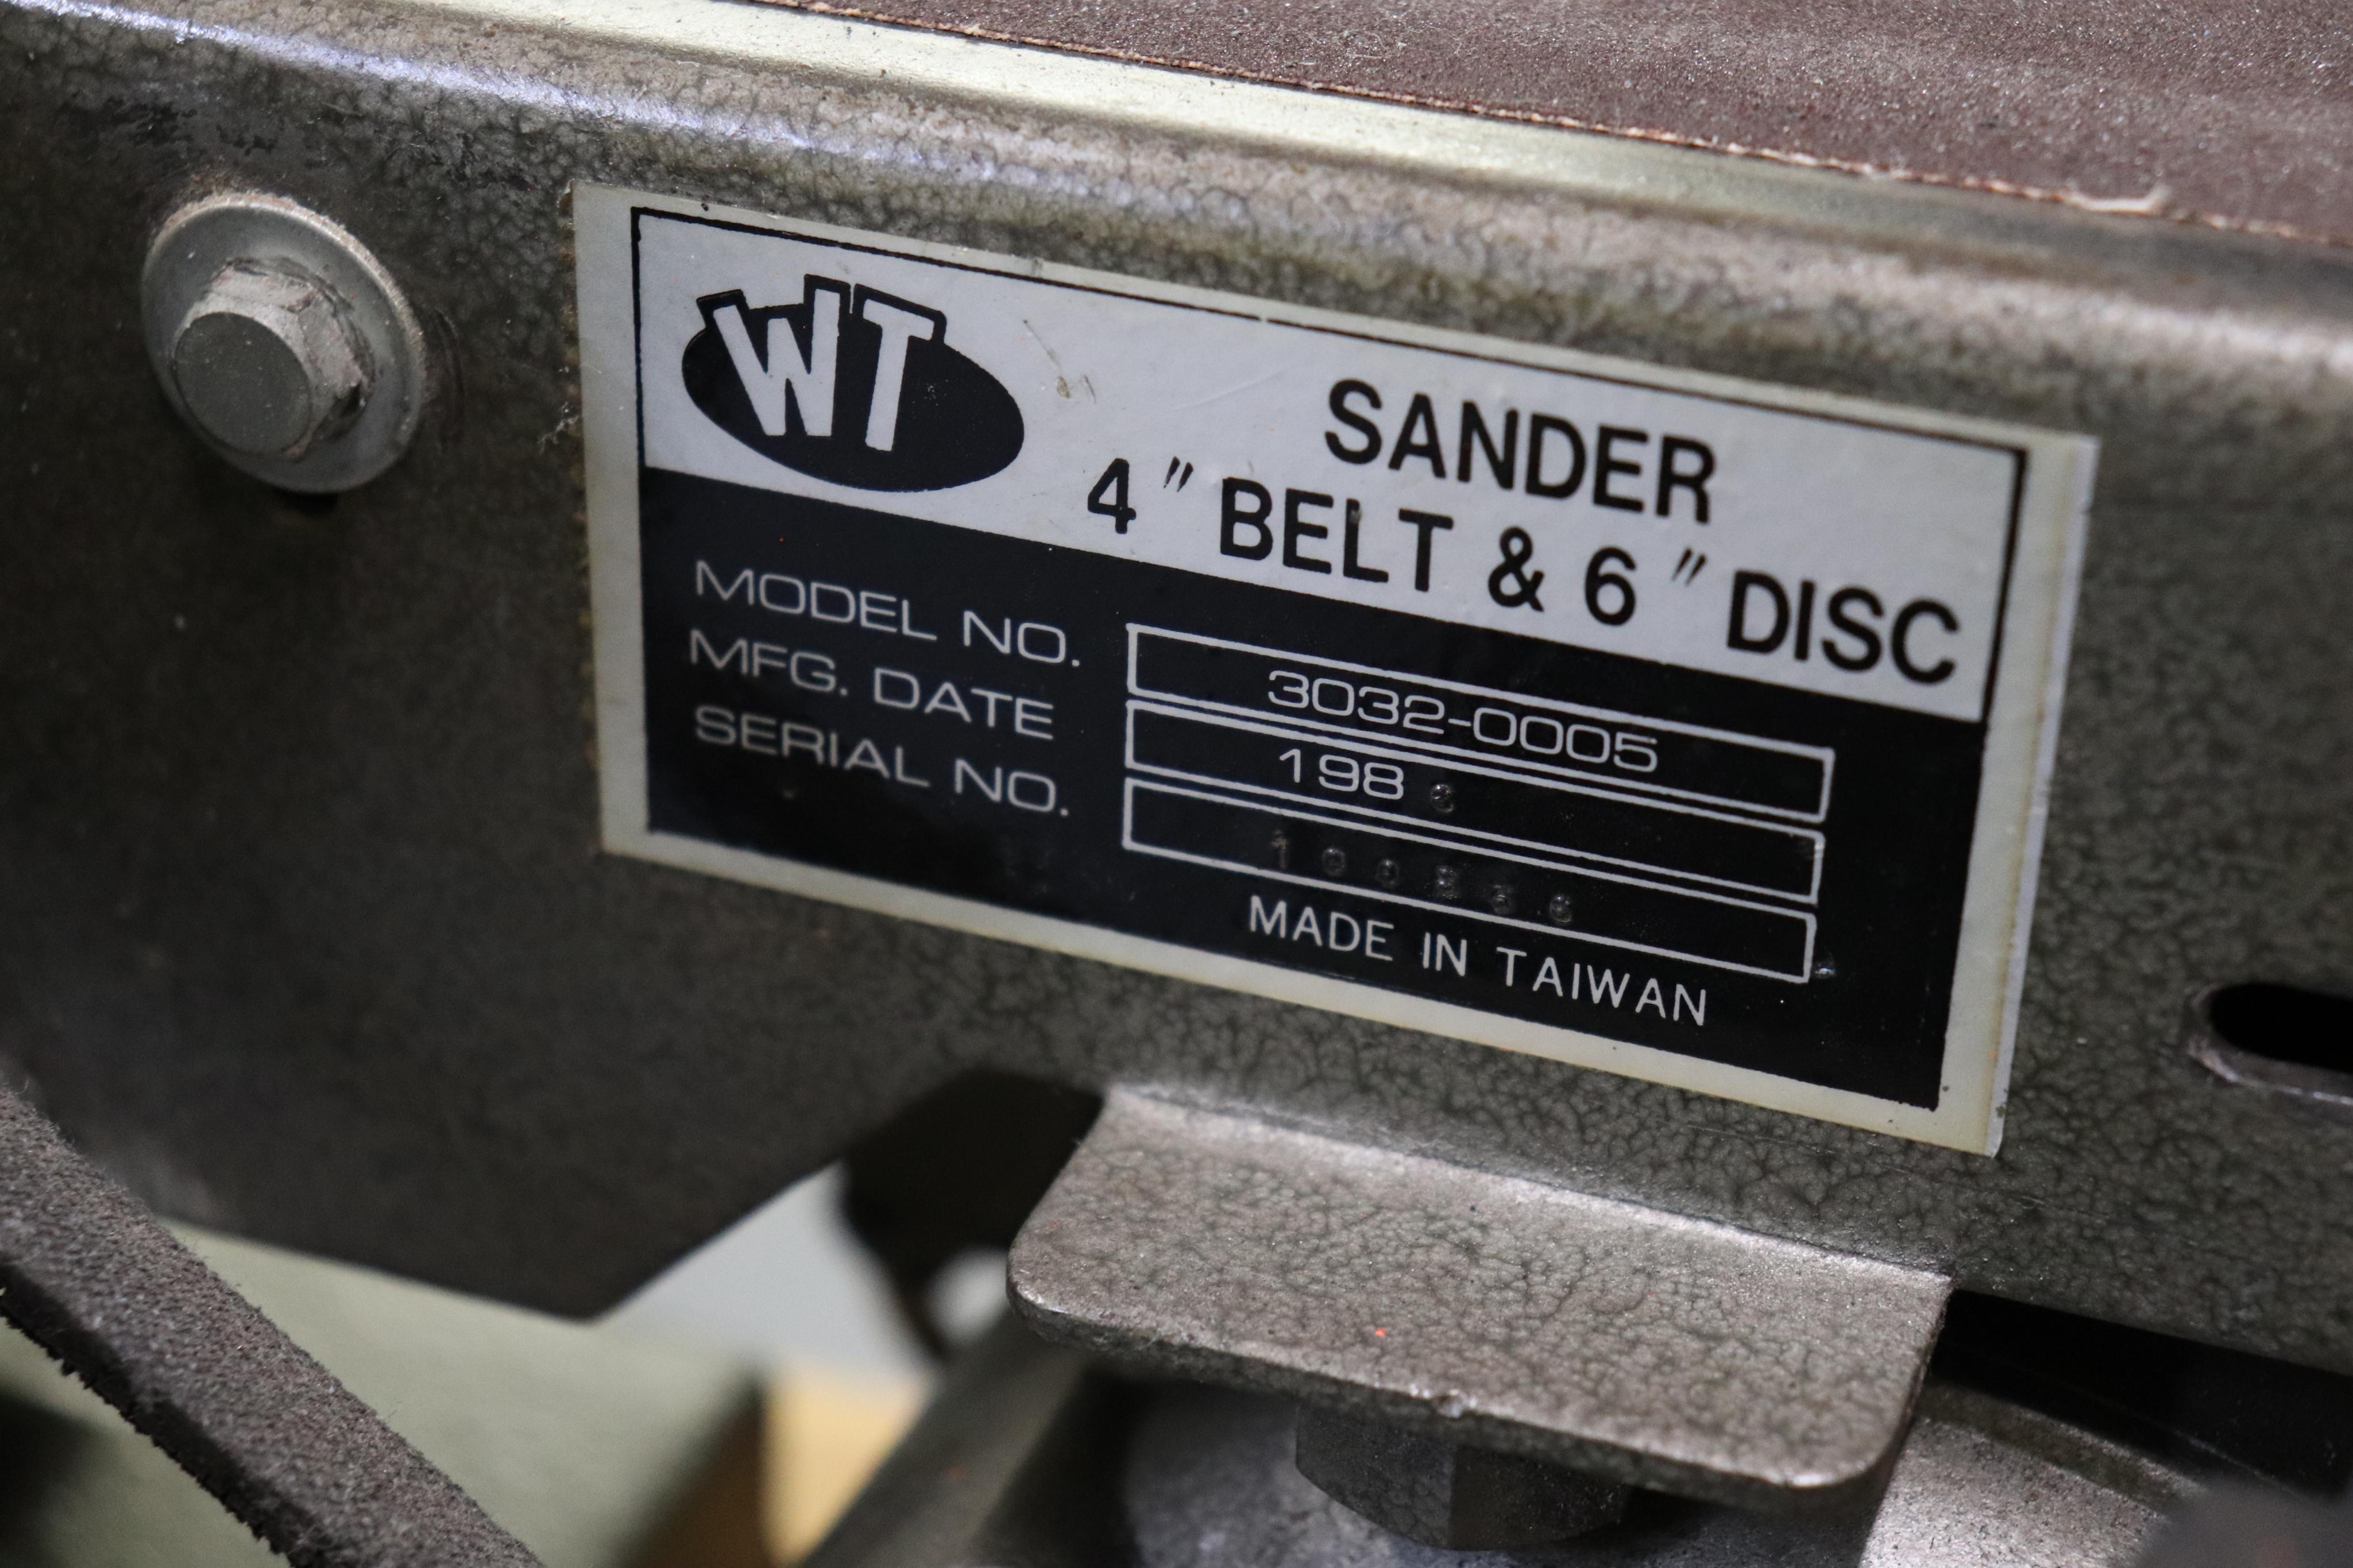 """WT 4"""" belt & 6"""" disc sander - Image 3 of 4"""